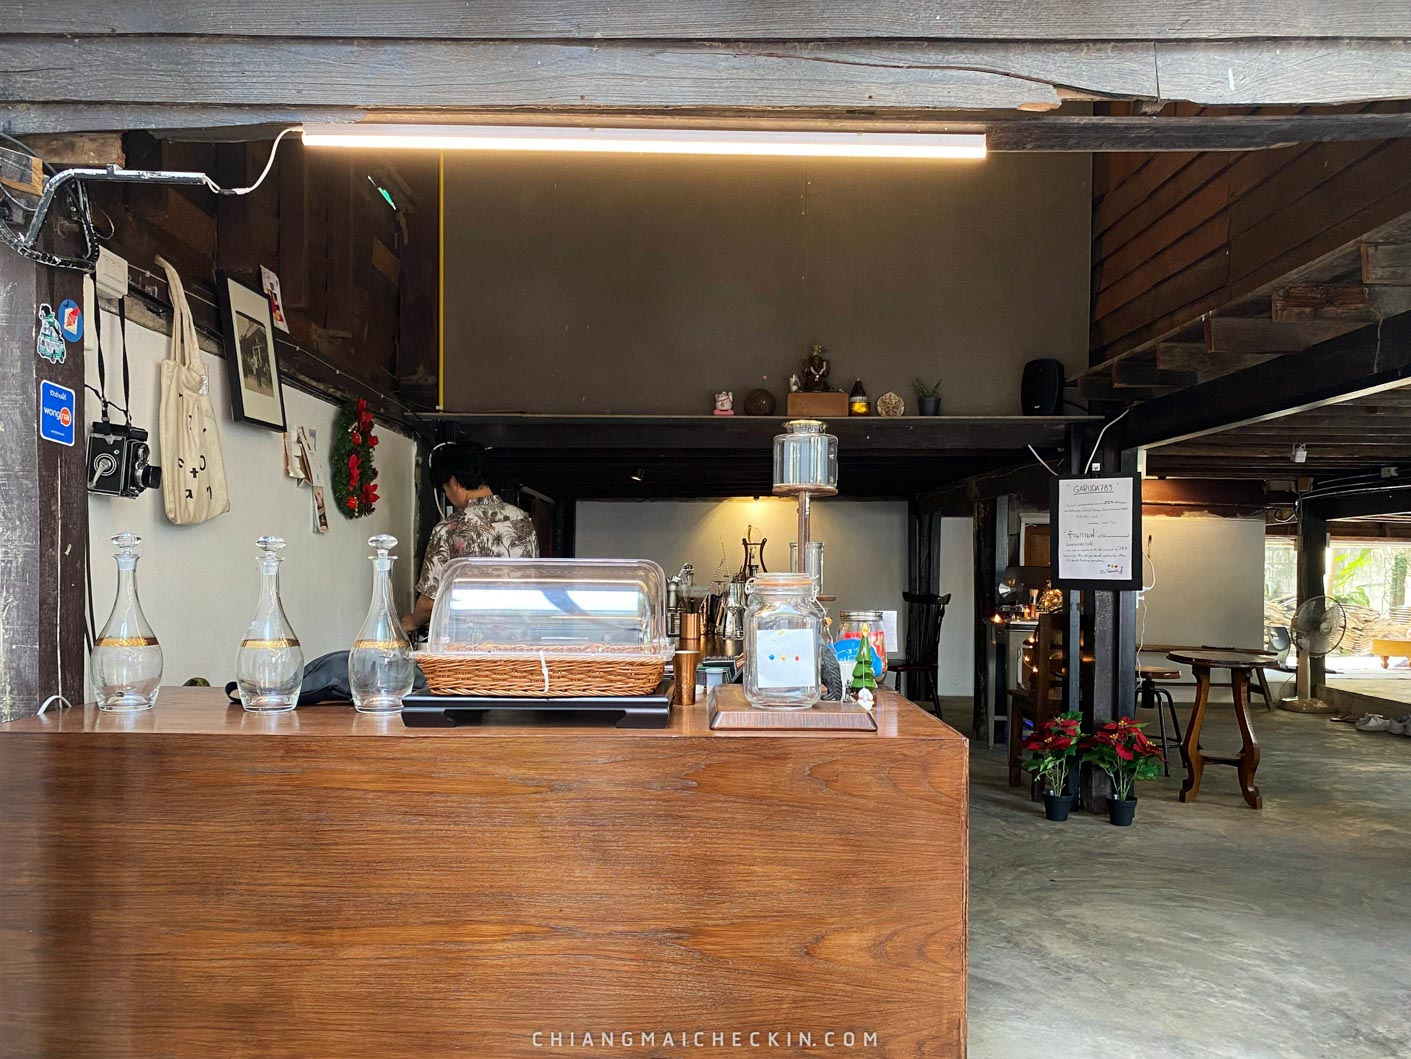 ร้าน garuda 789 ร้านสไตล์ชิวๆให้ไปลองชิมกาแฟหอมๆที่จังหวัดเชียงใหม่กันได้